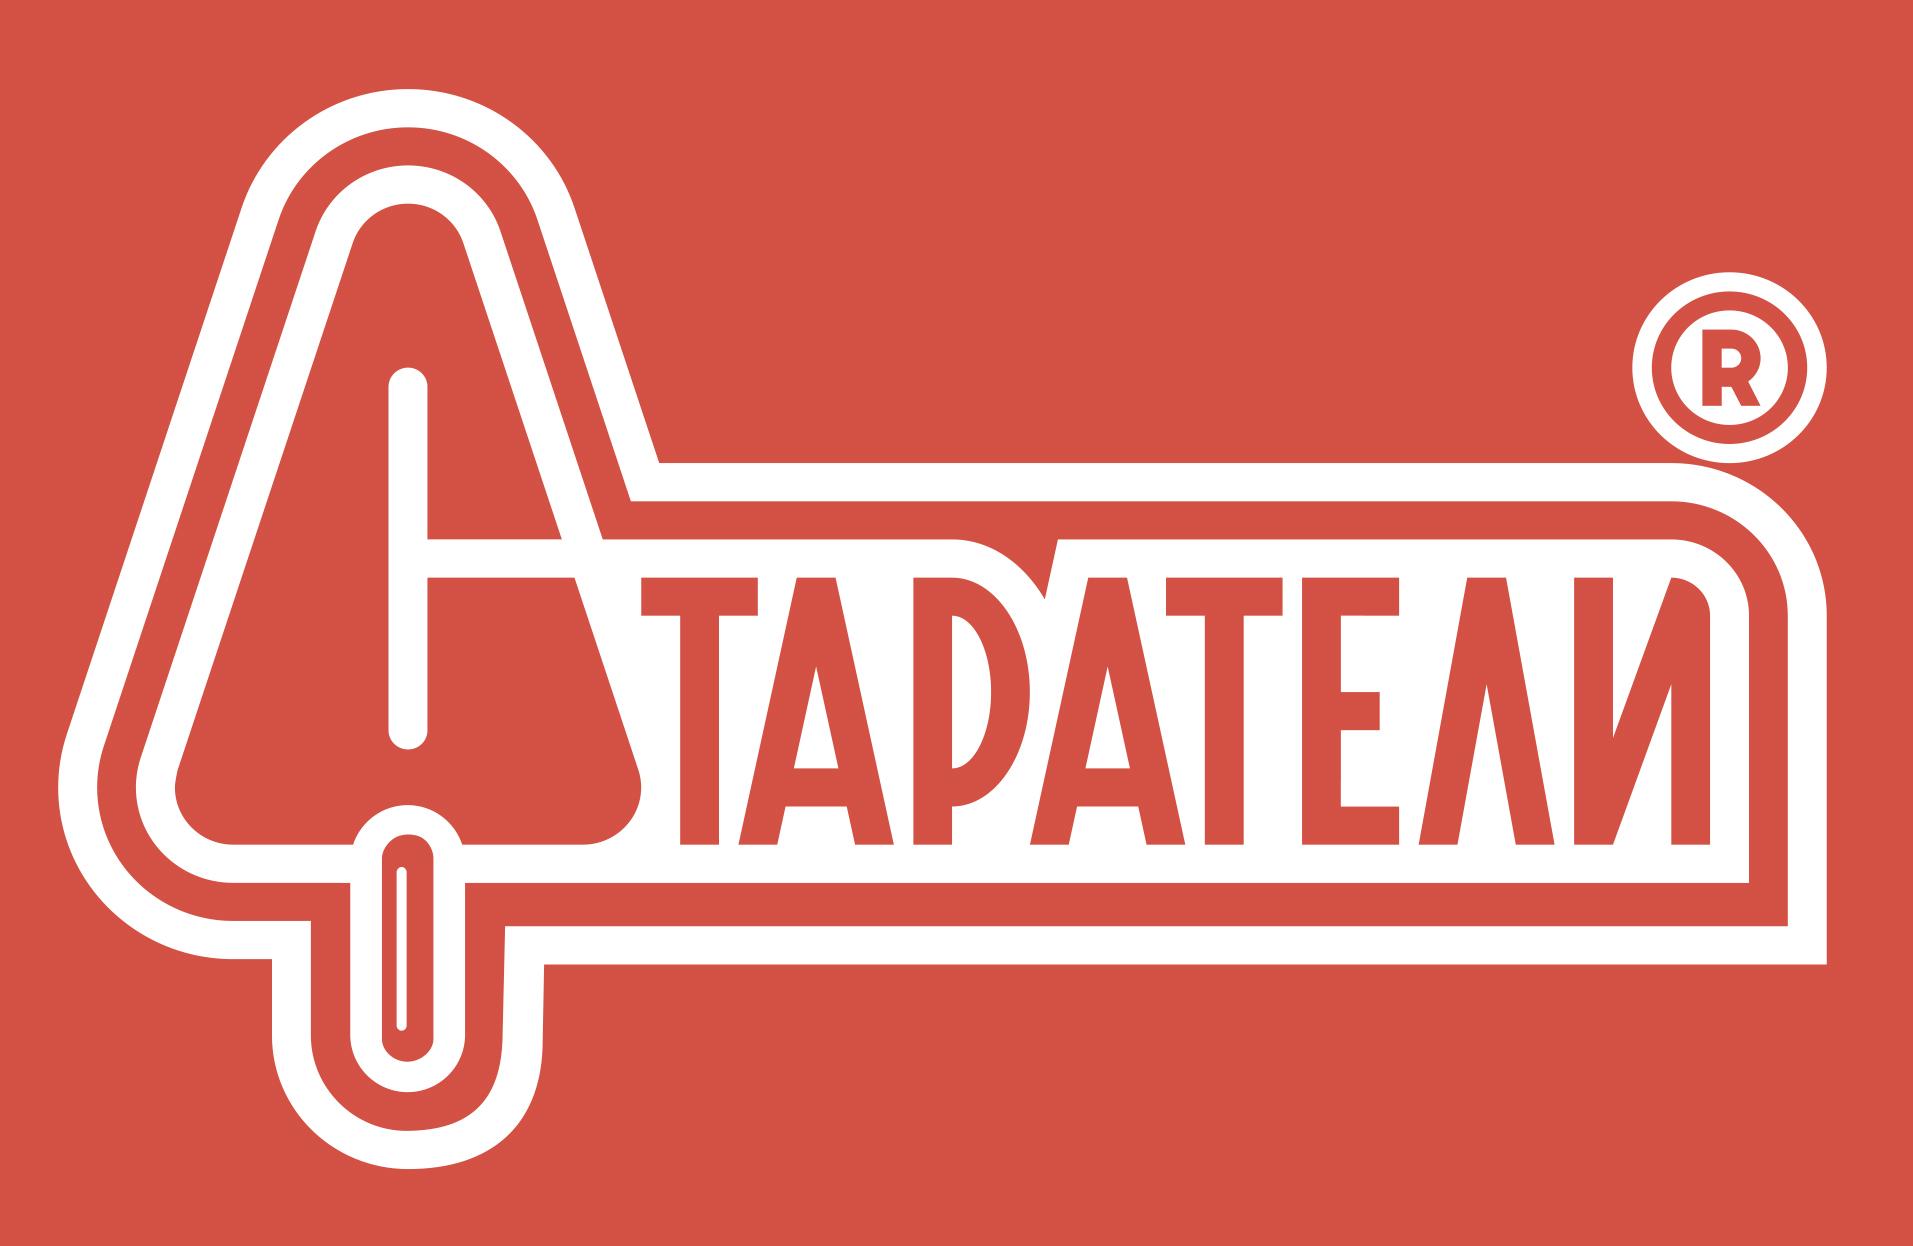 Логотип Старатели